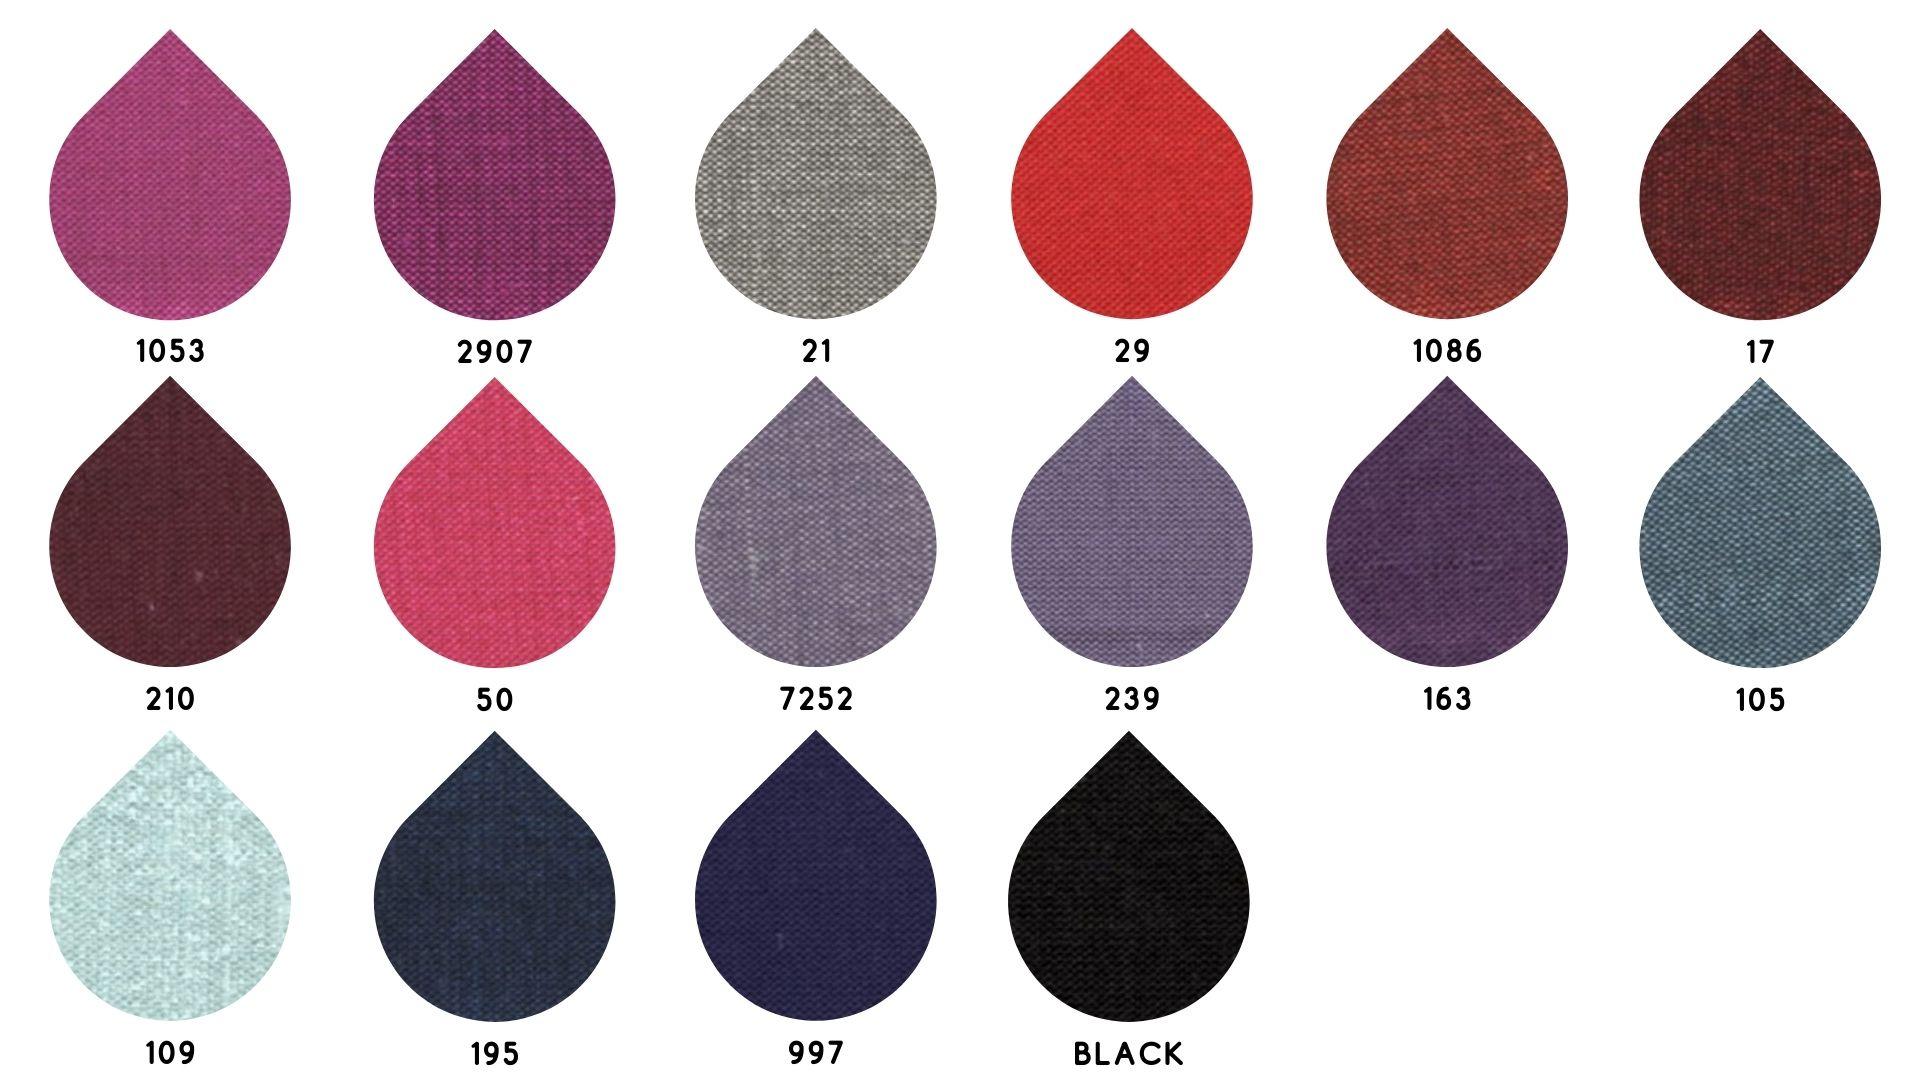 la cartella colore del tessuto machine di Leadford & Logan